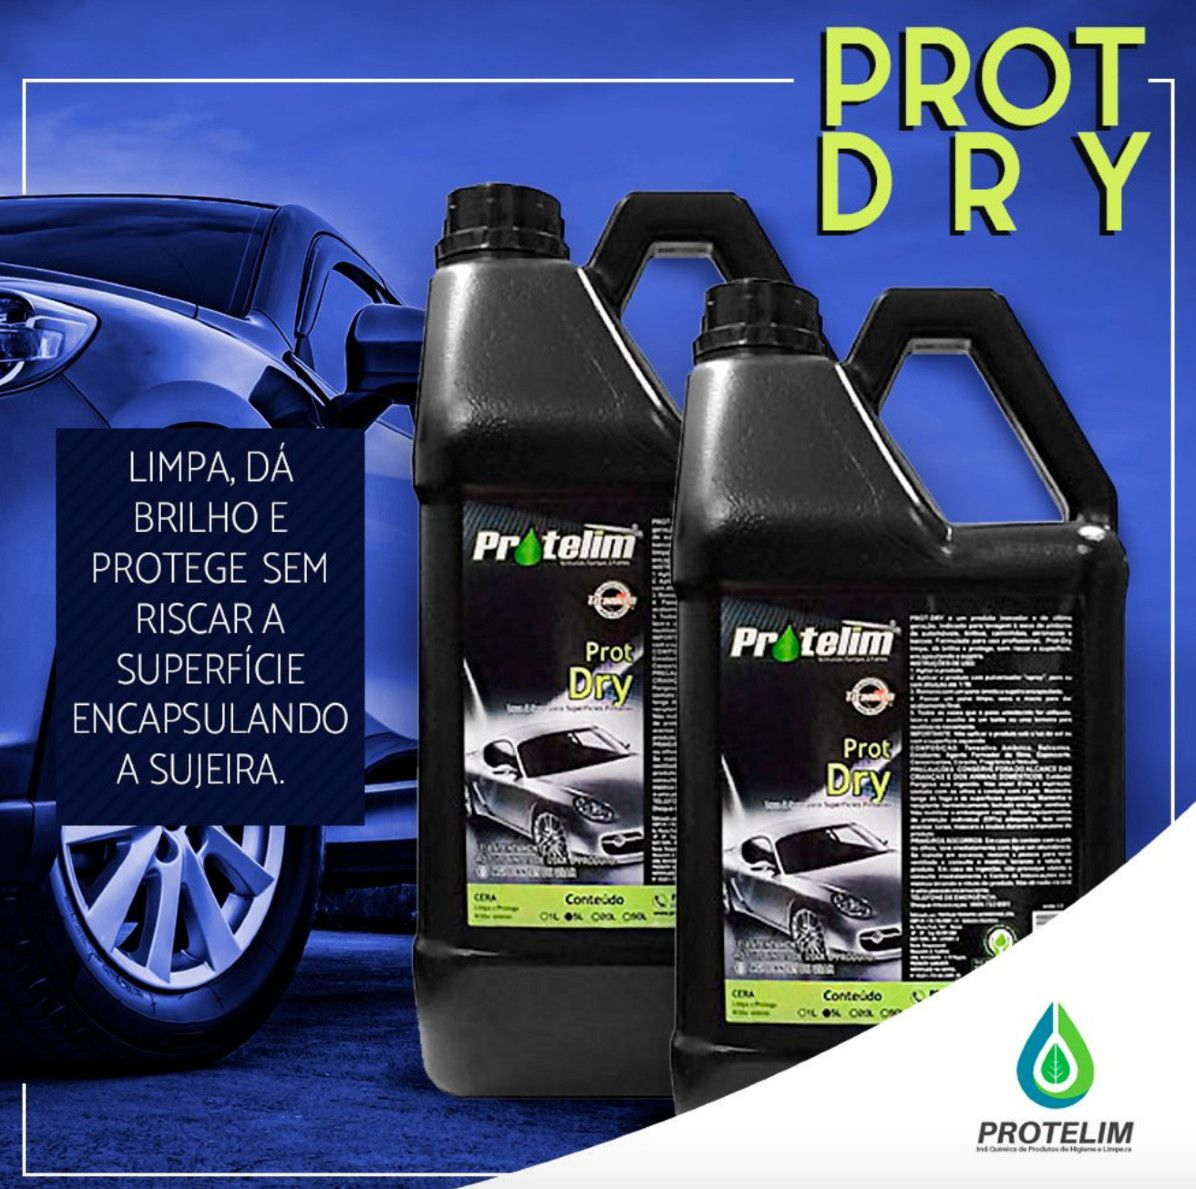 Lava A Seco Prot-dry 5l + Prot Multi 100 Multiuso Concentrado 5l Protelim